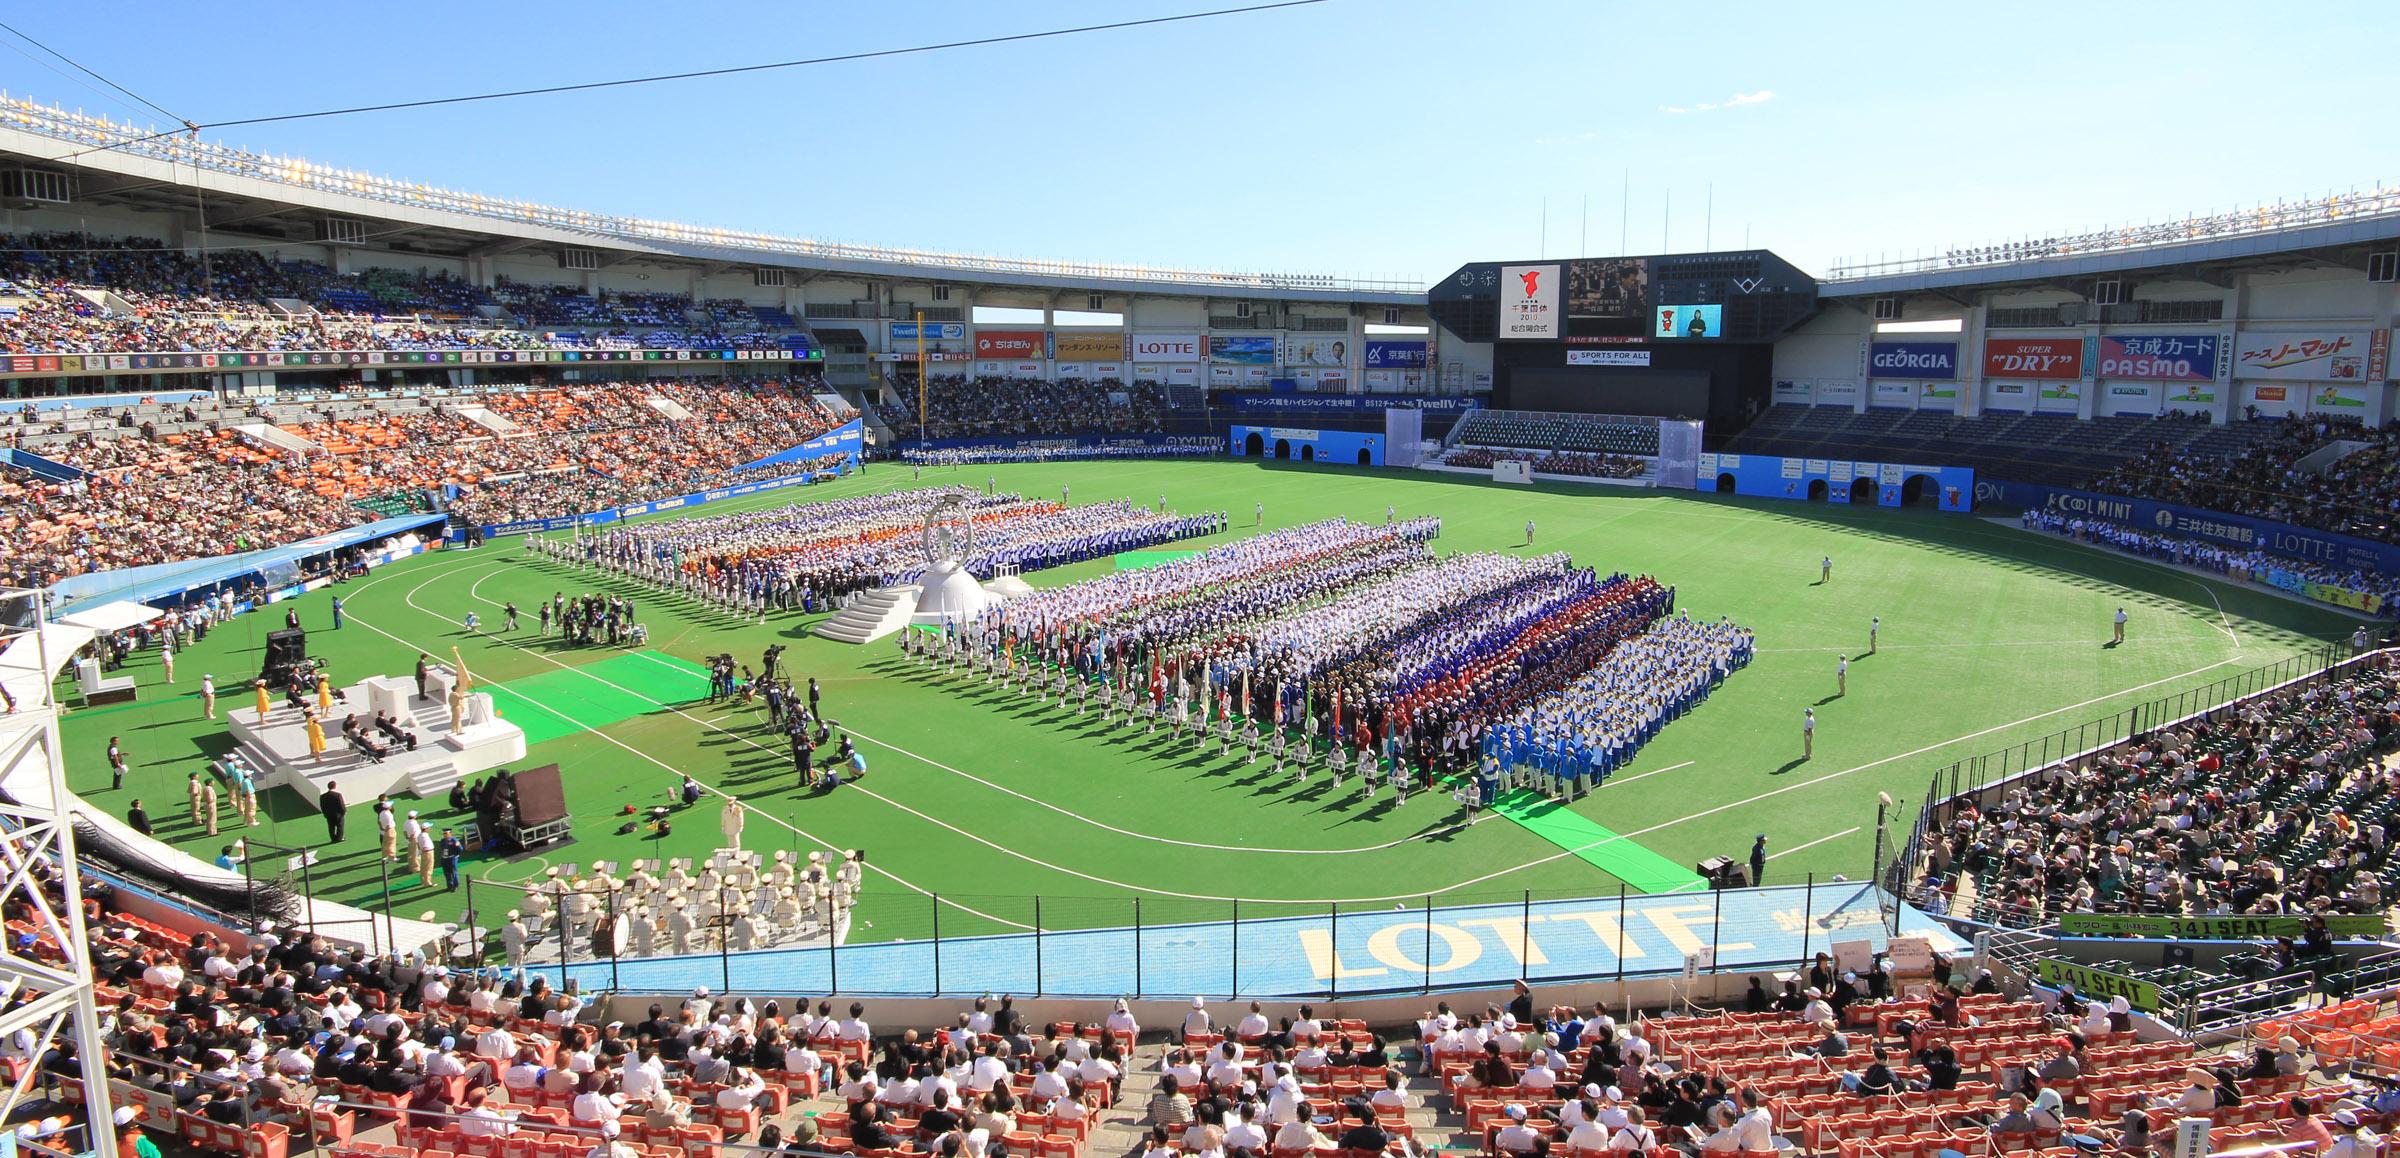 【スポーツ】「国体」から「国スポ」へ、日本スポーツ協会が略称変更を決定:2023年から